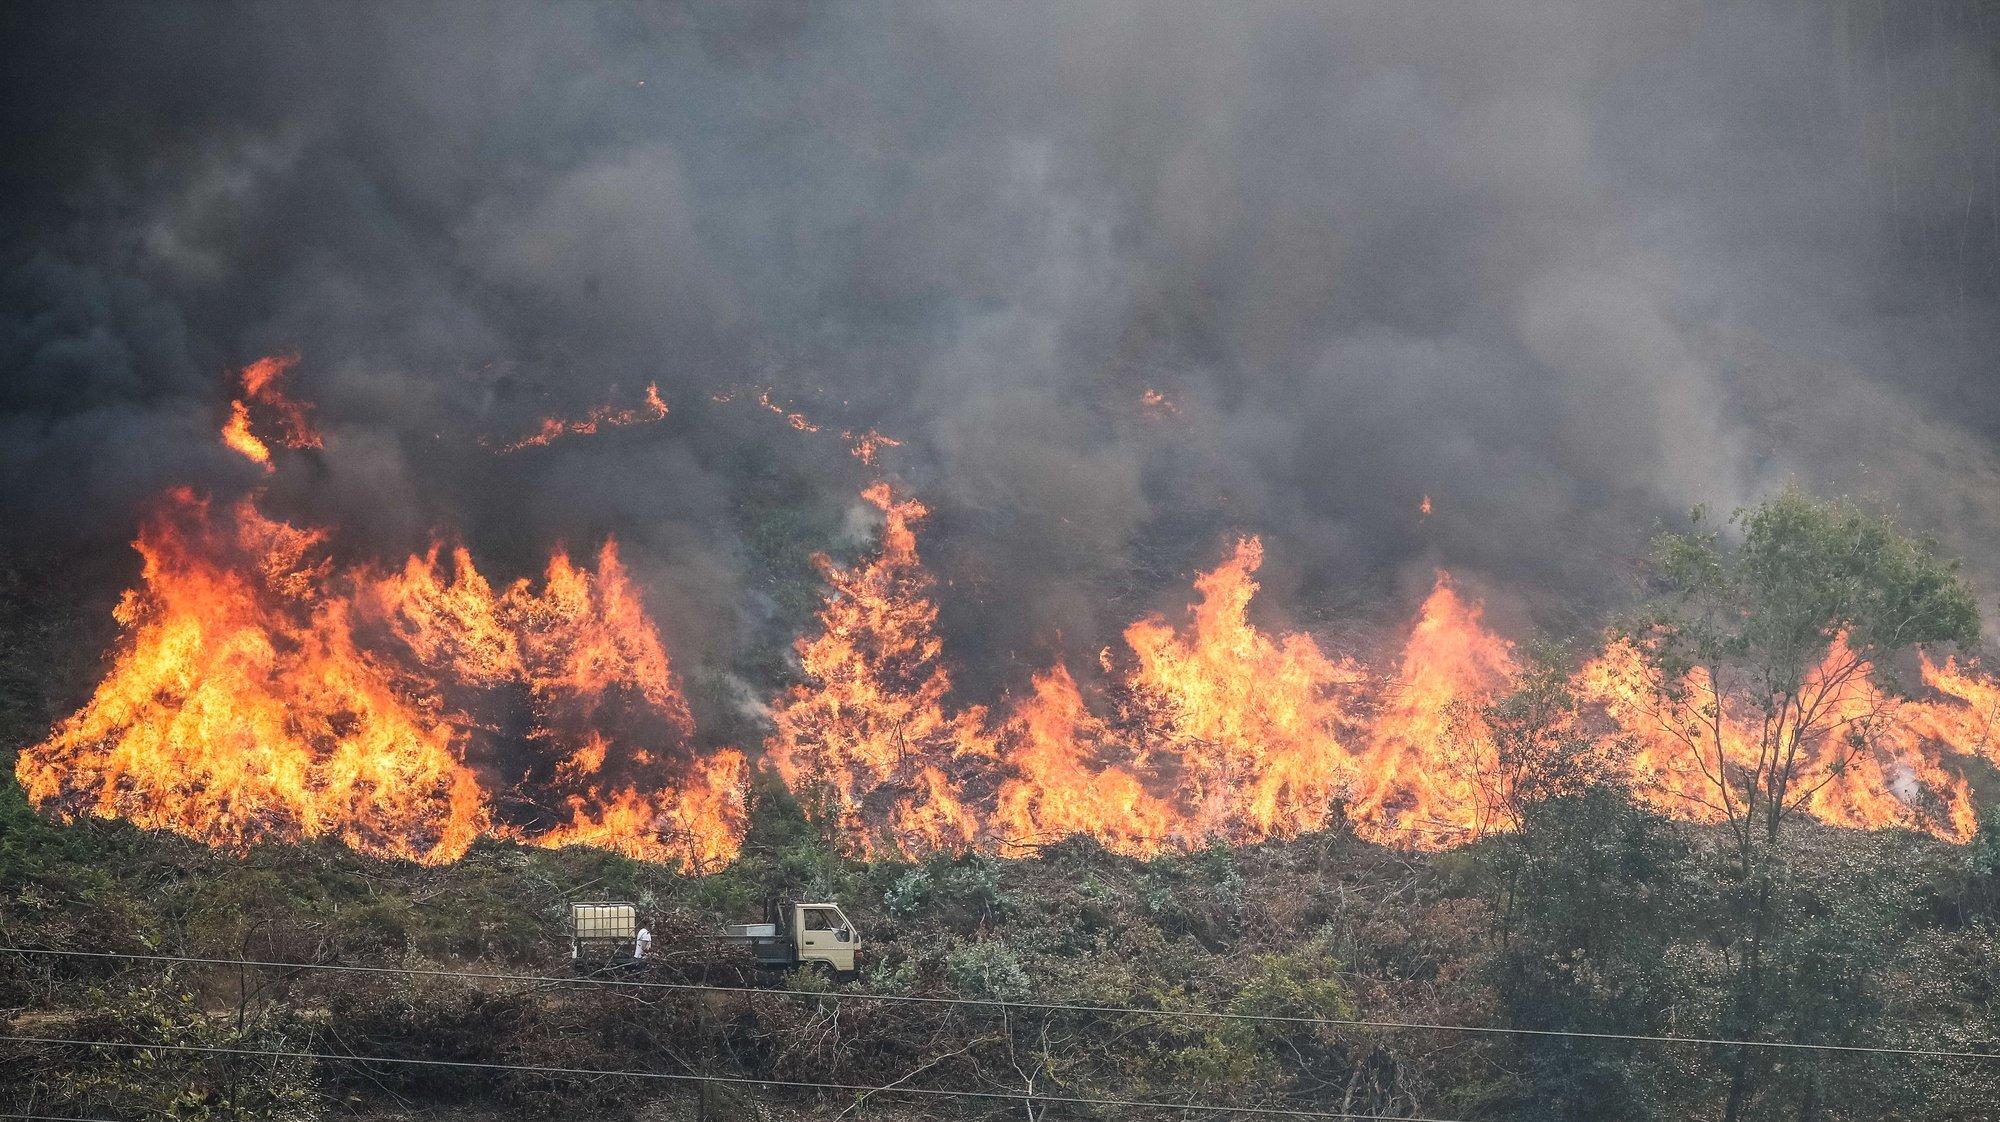 Bombeiros durante o combate ao incêndio florestal que lavra desde segunda-feira nos concelhos de Oliveira de Frades e Sever do Vouga, em Pisão, 08 de setembro de 2020. A Estrada Nacional (EN) 328 encontra-se hoje cortada entre as freguesias de Pessegueiro do Vouga e Talhadas, na saída para a Autoestrada 25 (A25), no concelho de Sever do Vouga, devido ao incêndio de Oliveira de Frades. PAULO NOVAIS/LUSA